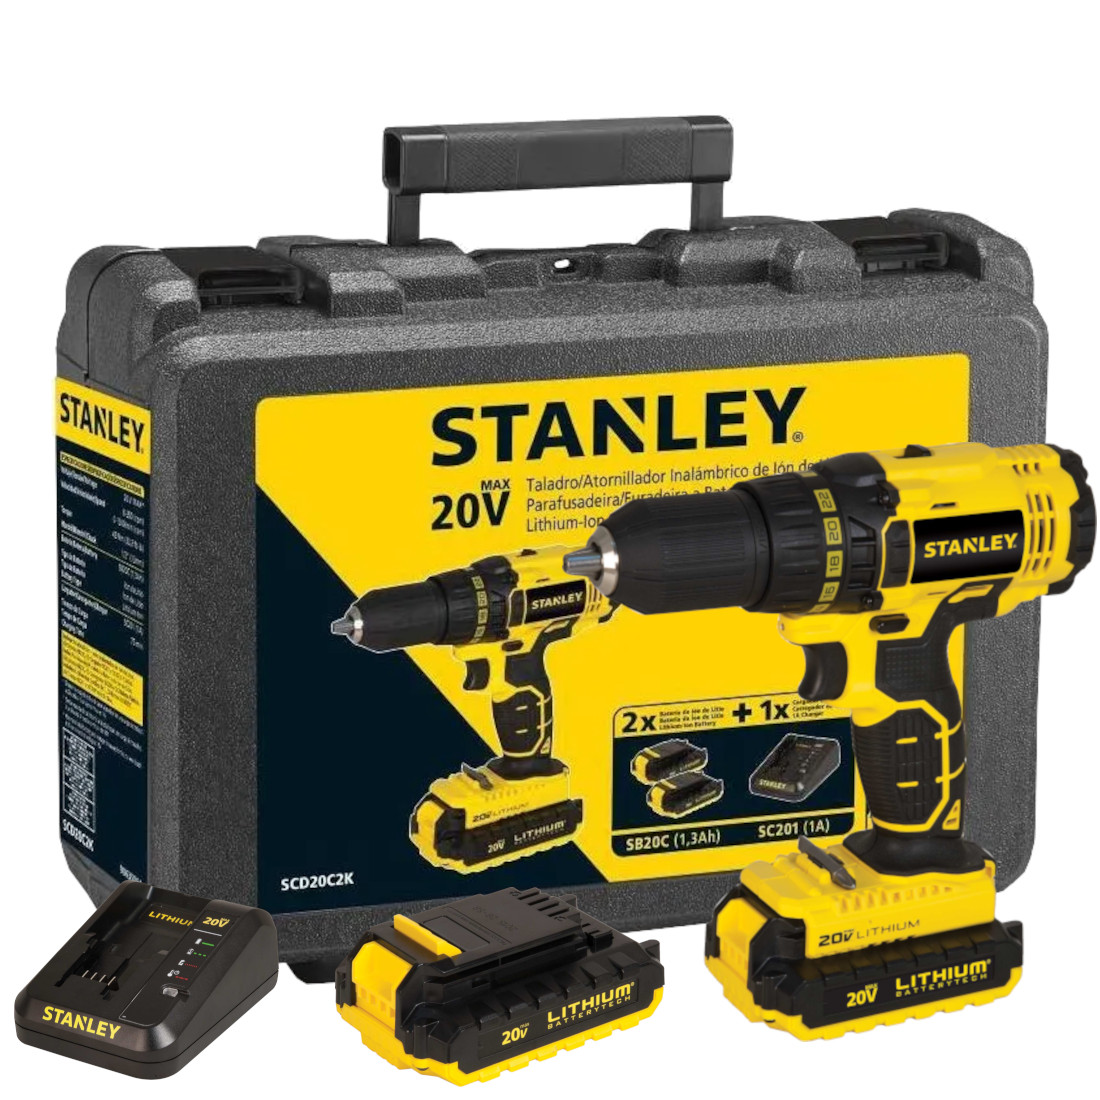 Parafusadeira e Furadeira com 2 baterias, Maleta - STANLEY- SCD20C2K